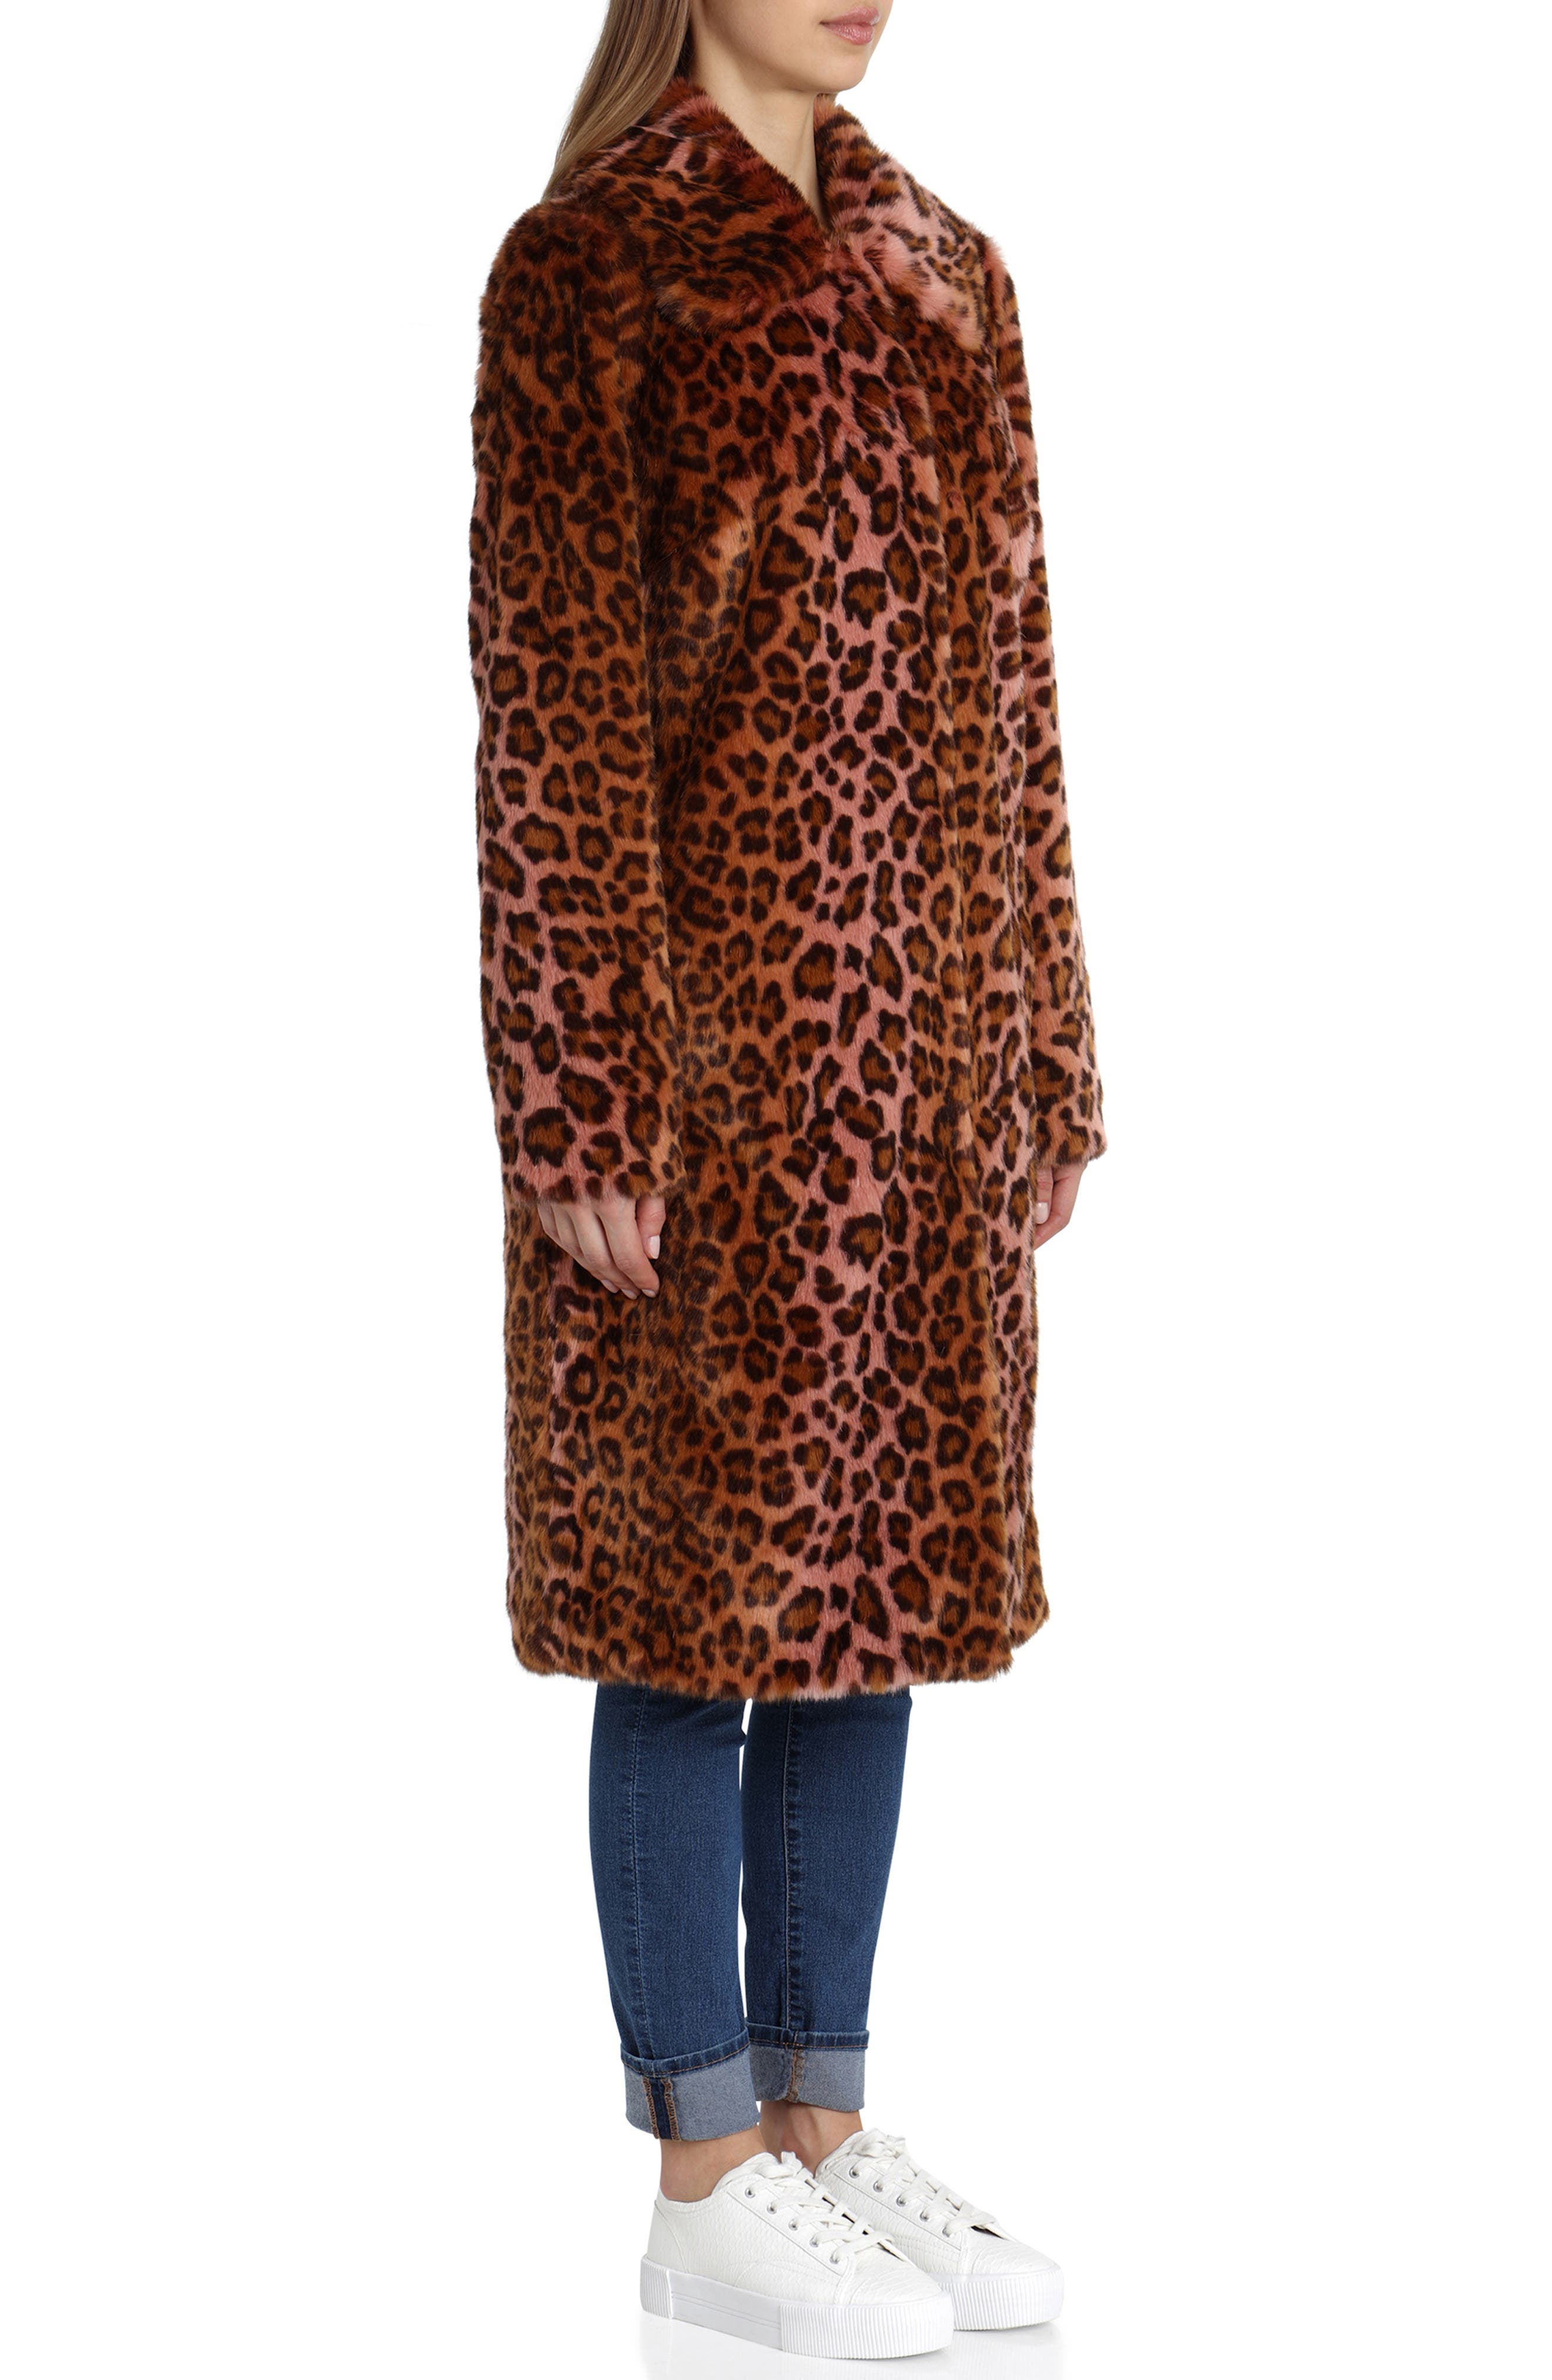 Leopard Print Faux Fur Car Coat,                             Alternate thumbnail 2, color,                             PINK LEOPARD